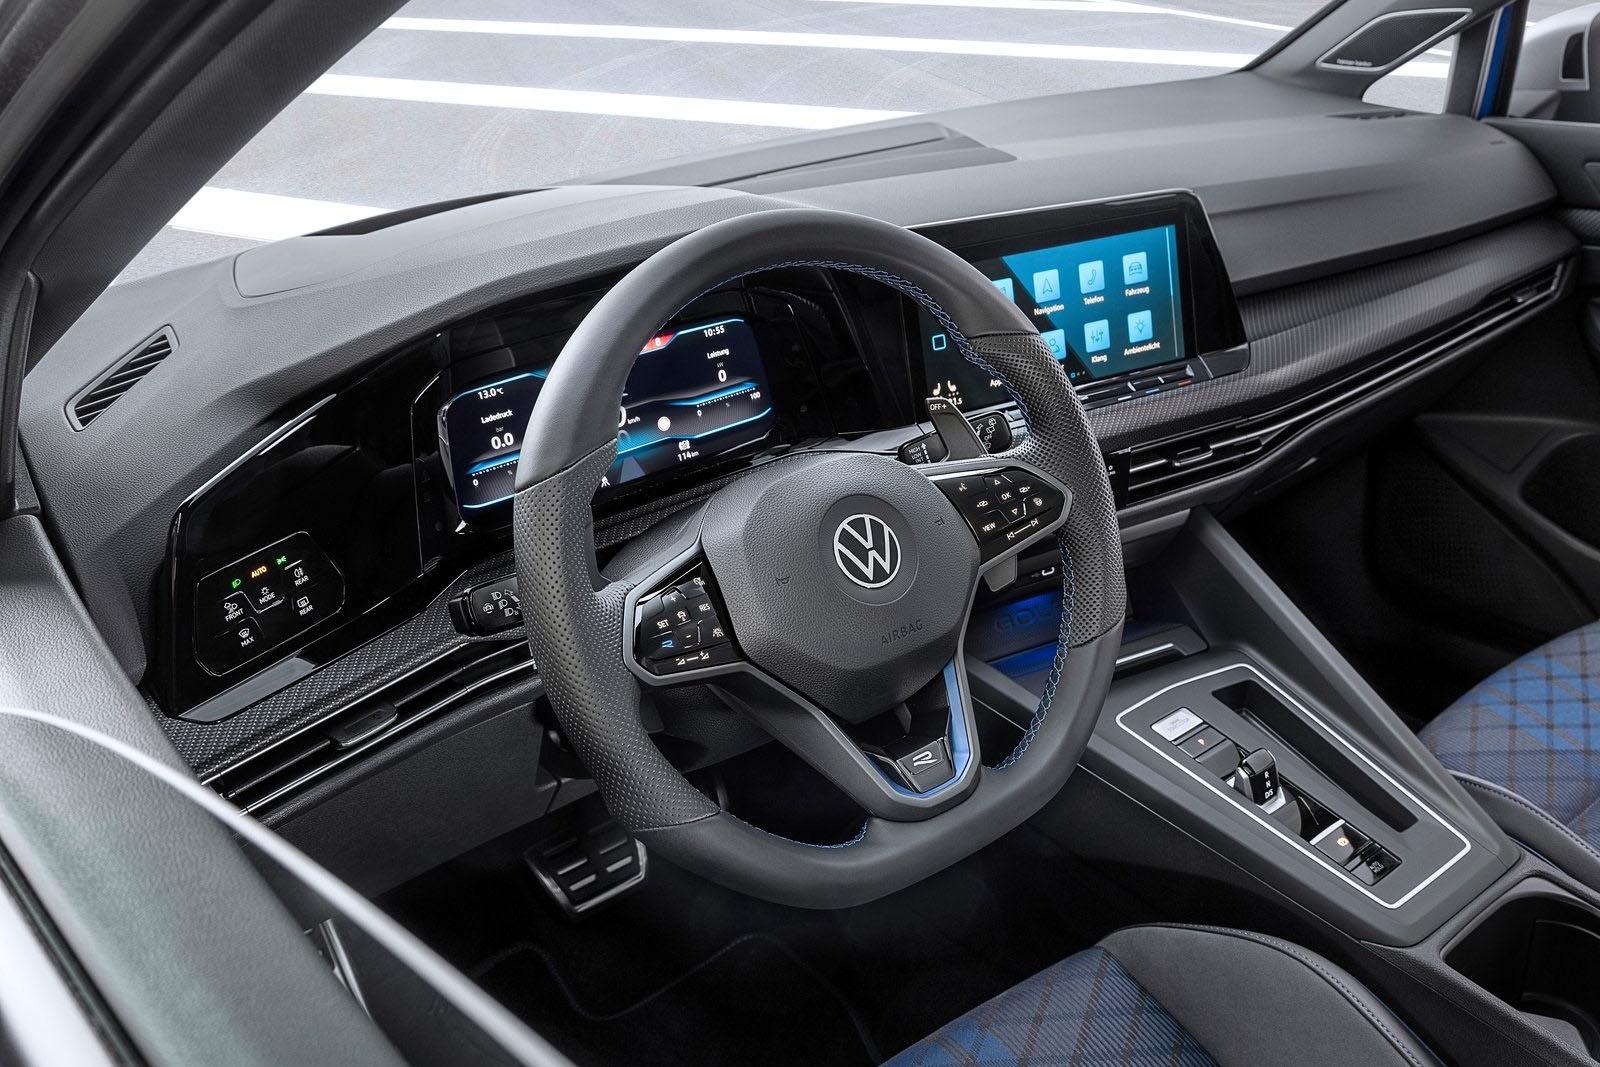 VW Golf R Variant 2022 interior